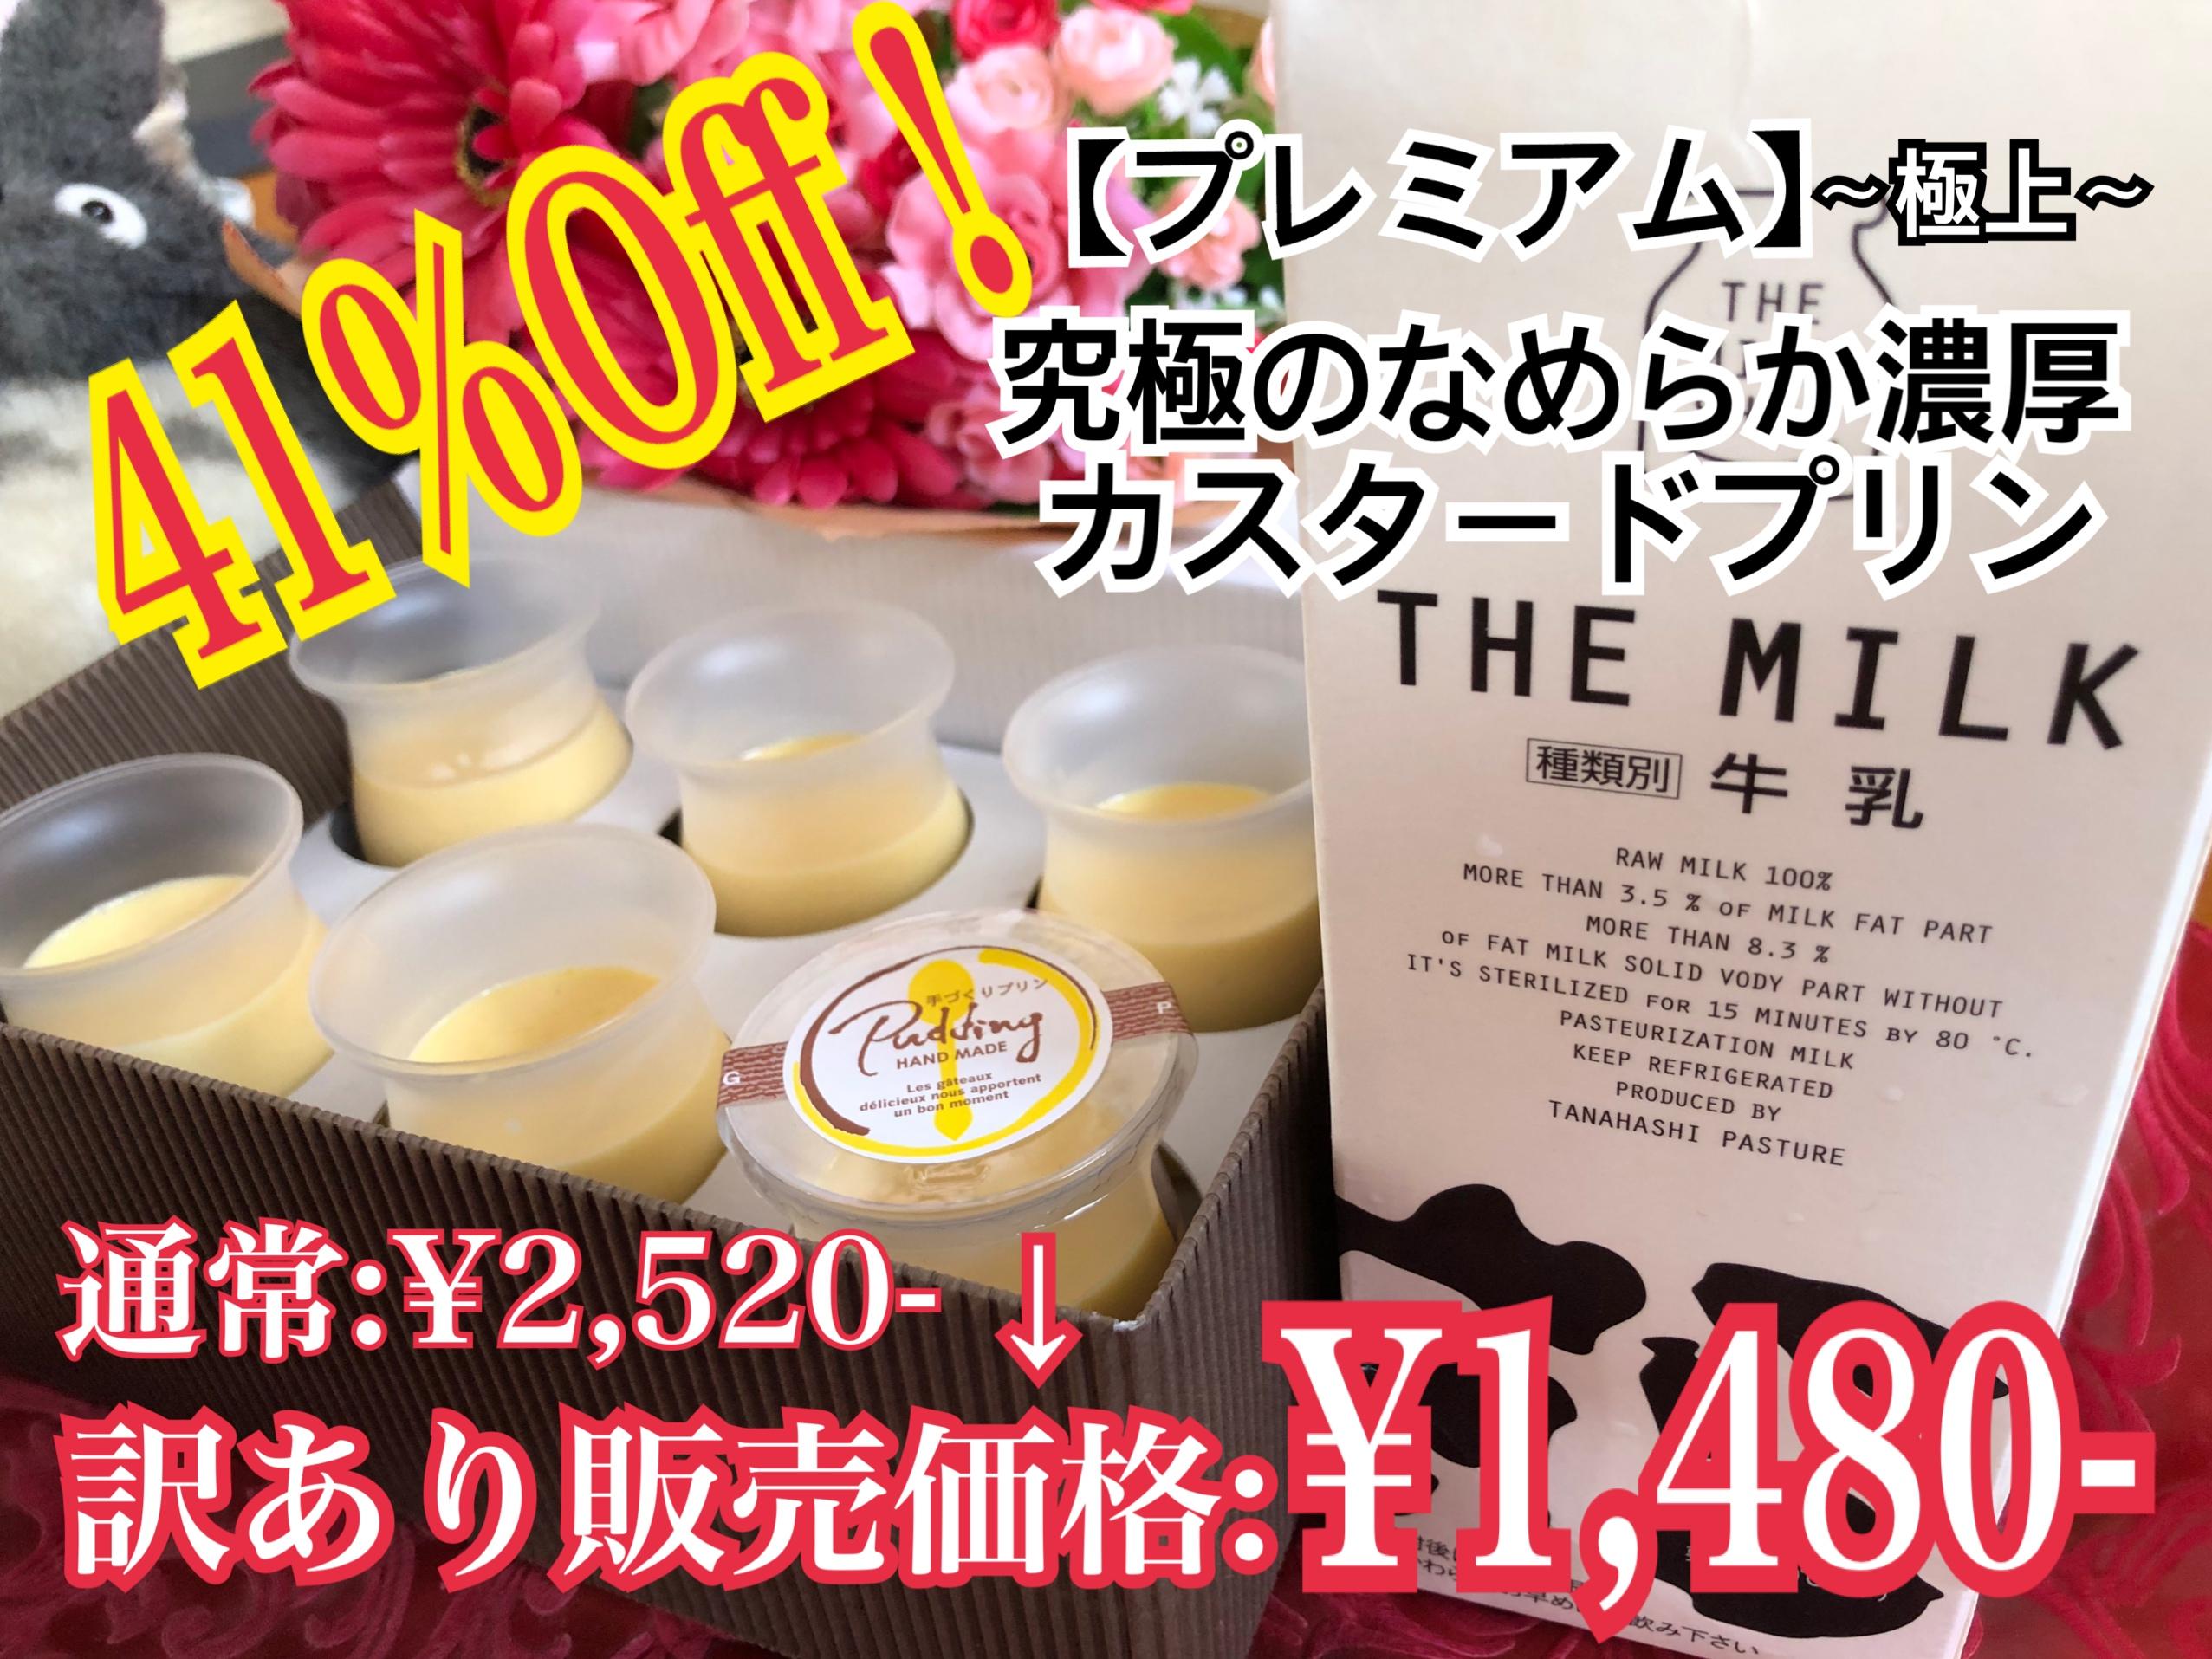 【緊急告知!】41%オフ!1040円引〜究極のプリン〜牛乳支援。」